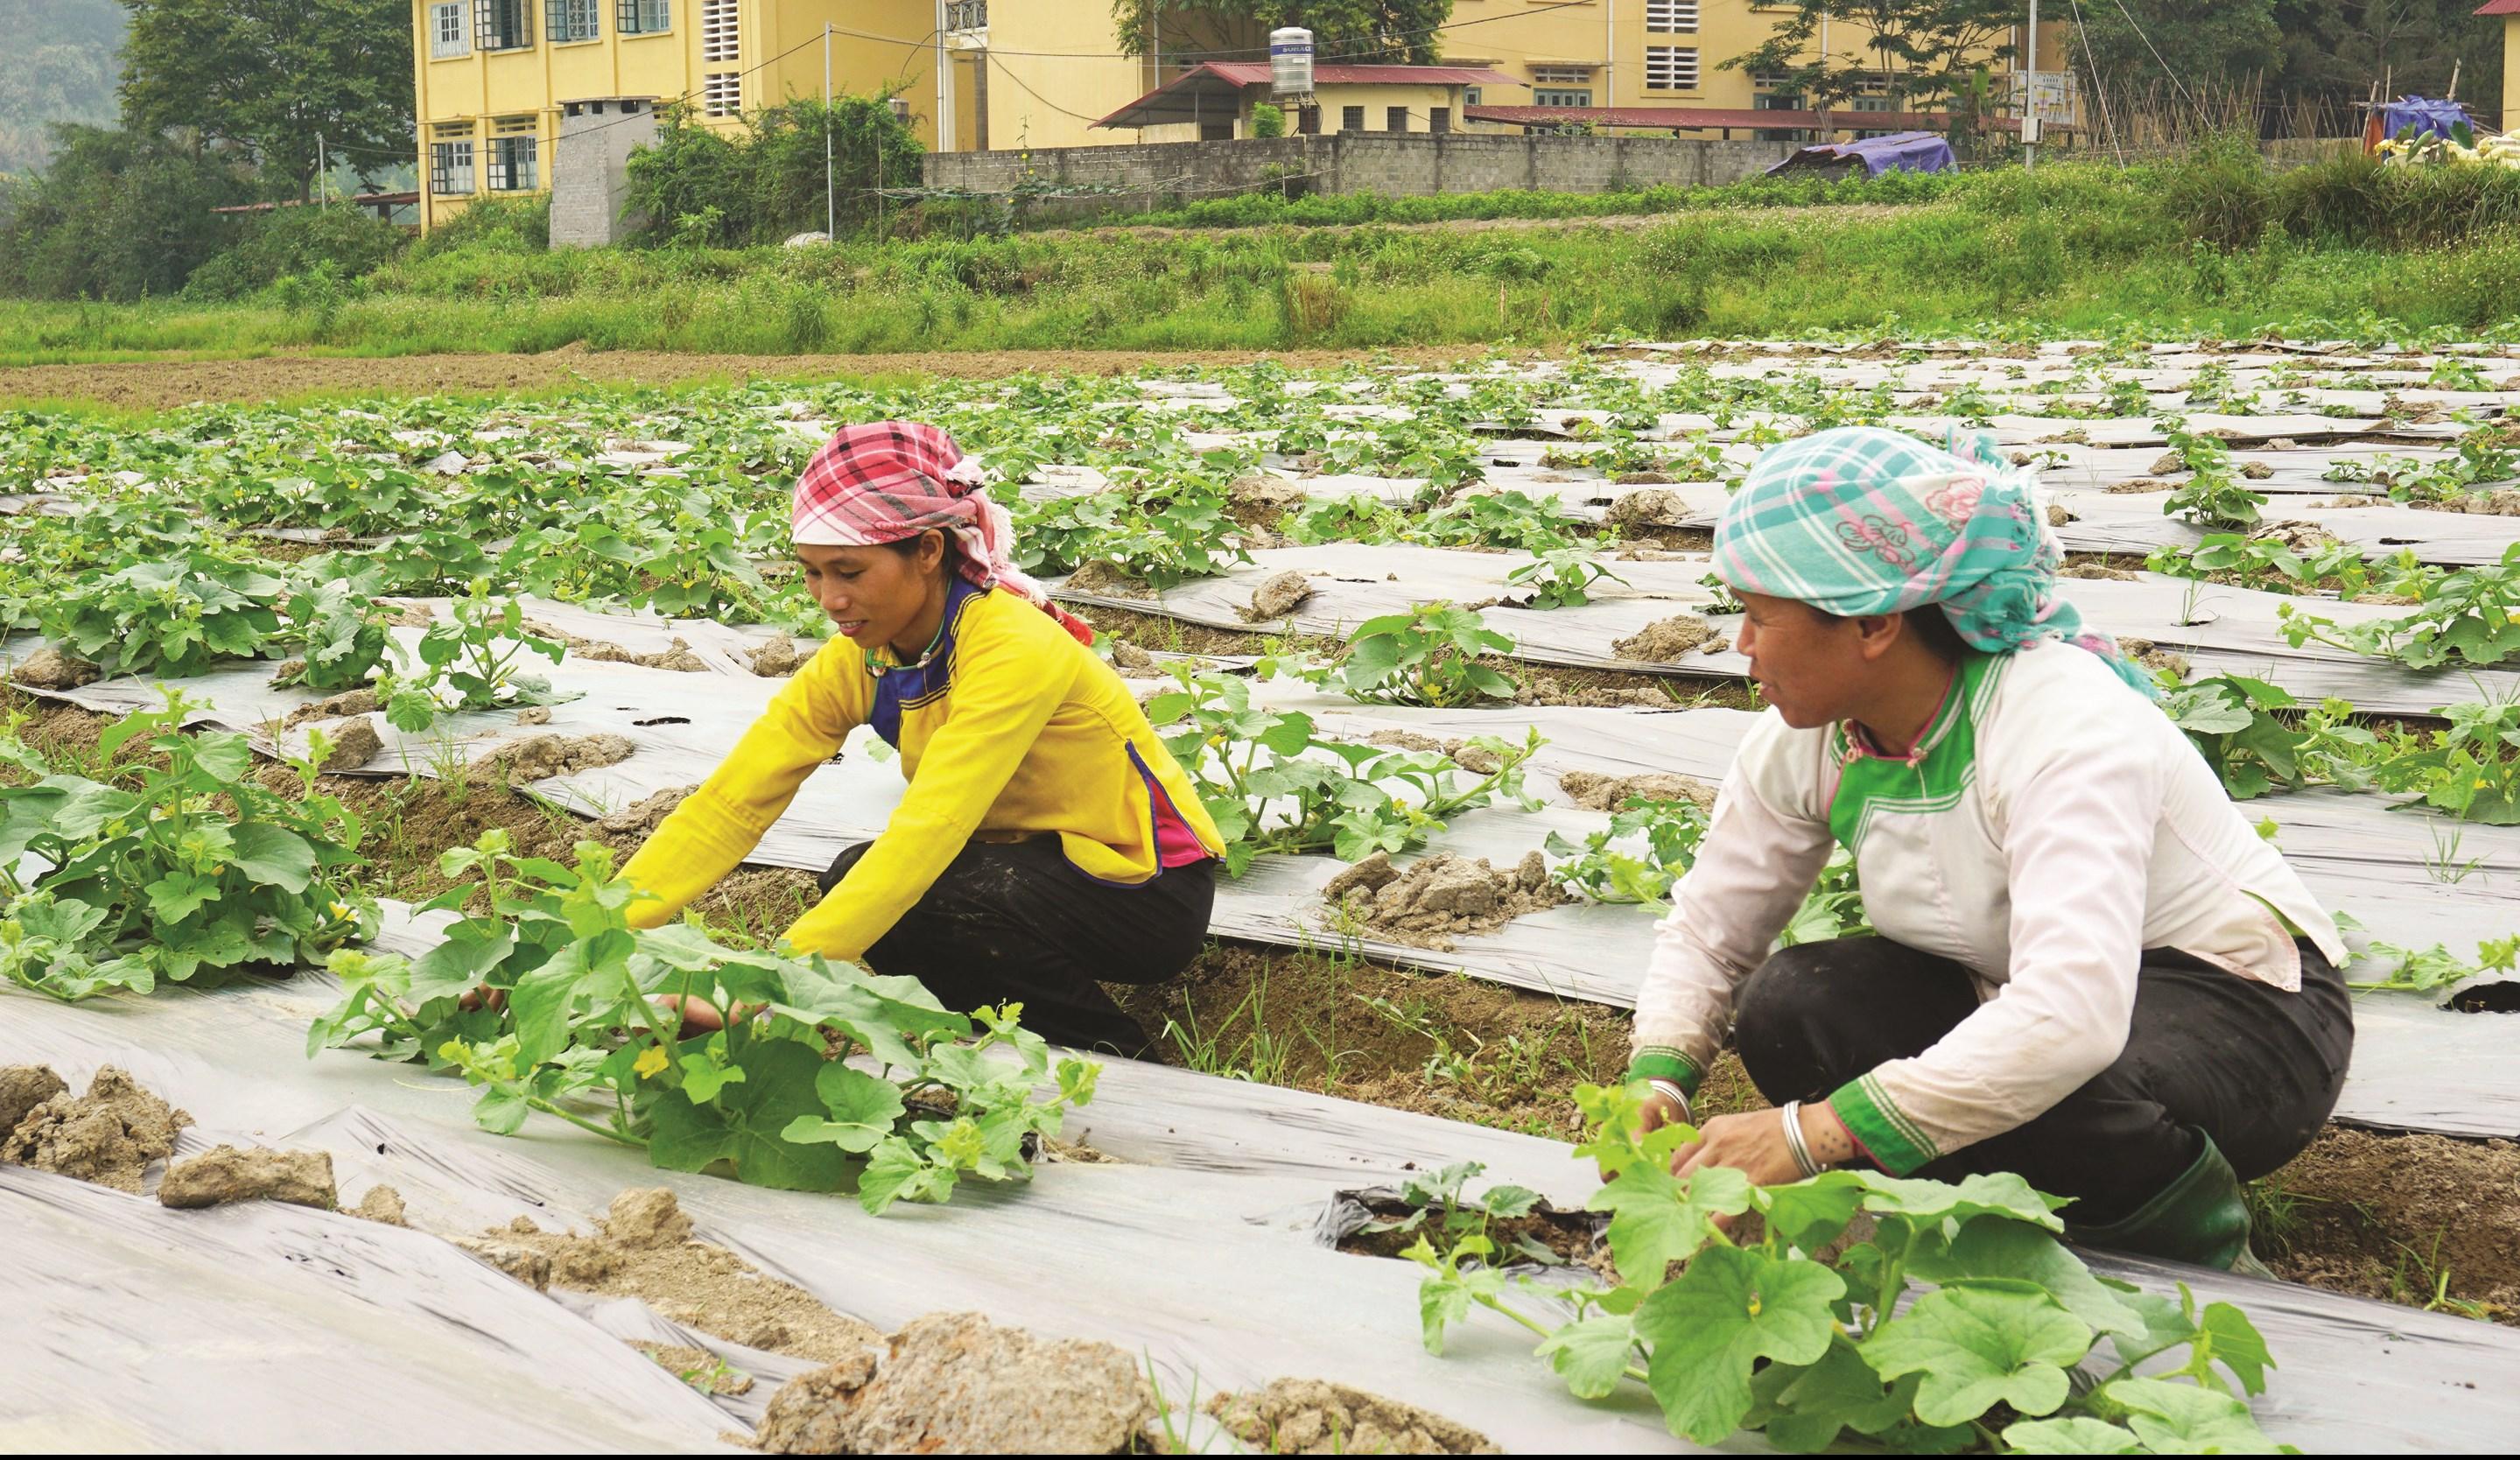 Đồng bào các dân tộc trên địa bàn tỉnh Lào Cai chủ động chuyển đổi cây trồng, nâng cao thu nhập, từng bước thoát nghèo, vươn lên làm giàu.